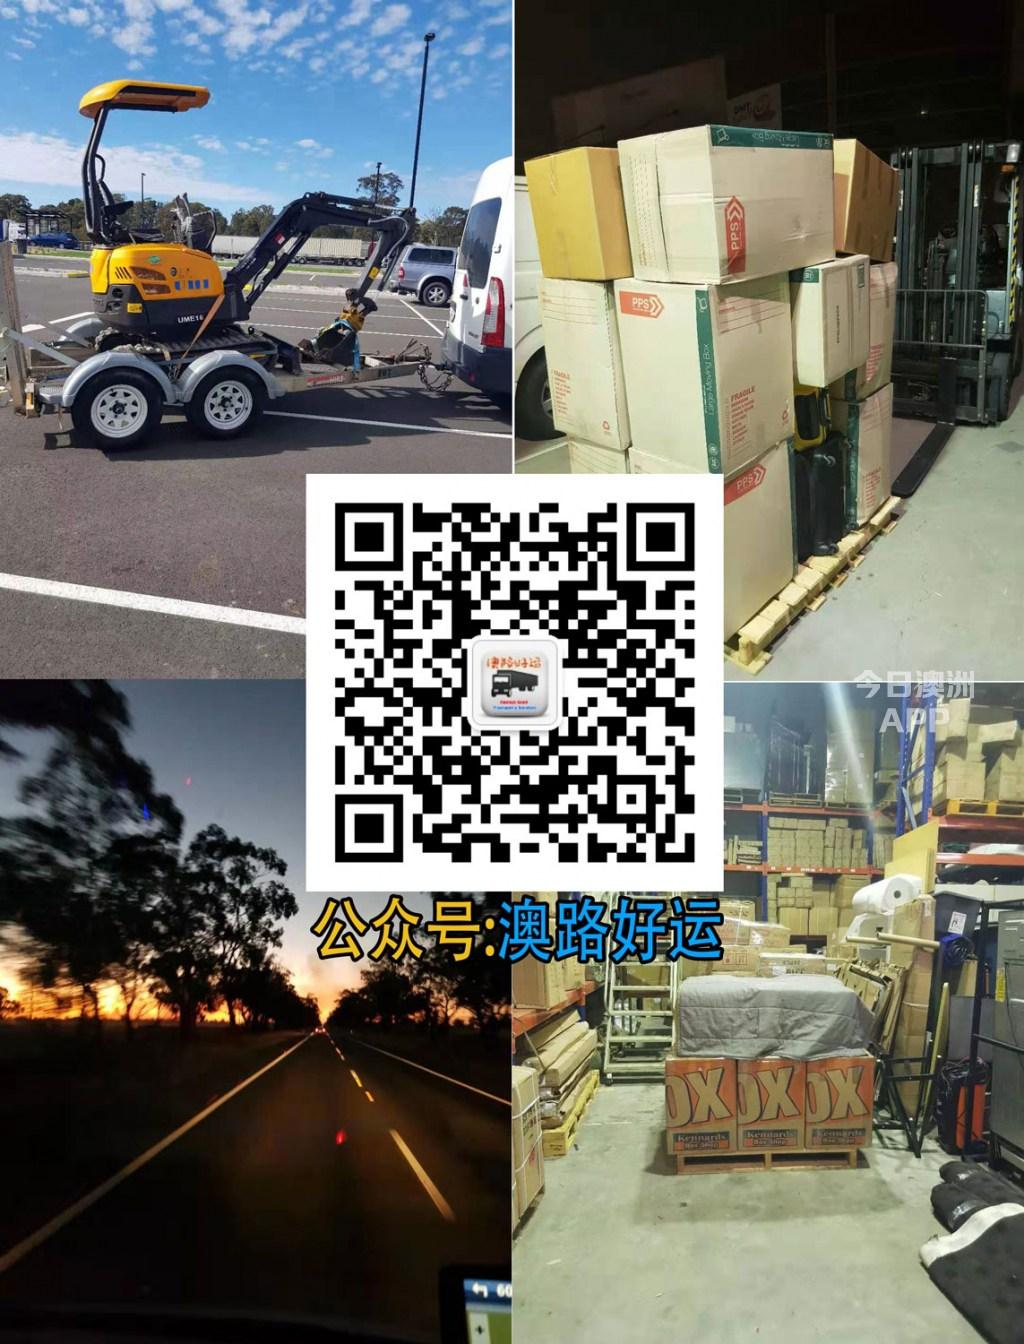 澳洲境内物流邮寄跨省搬家35起 一件起运提供免费纸箱悉尼霍巴特墨尔本阿德雷德达尔文